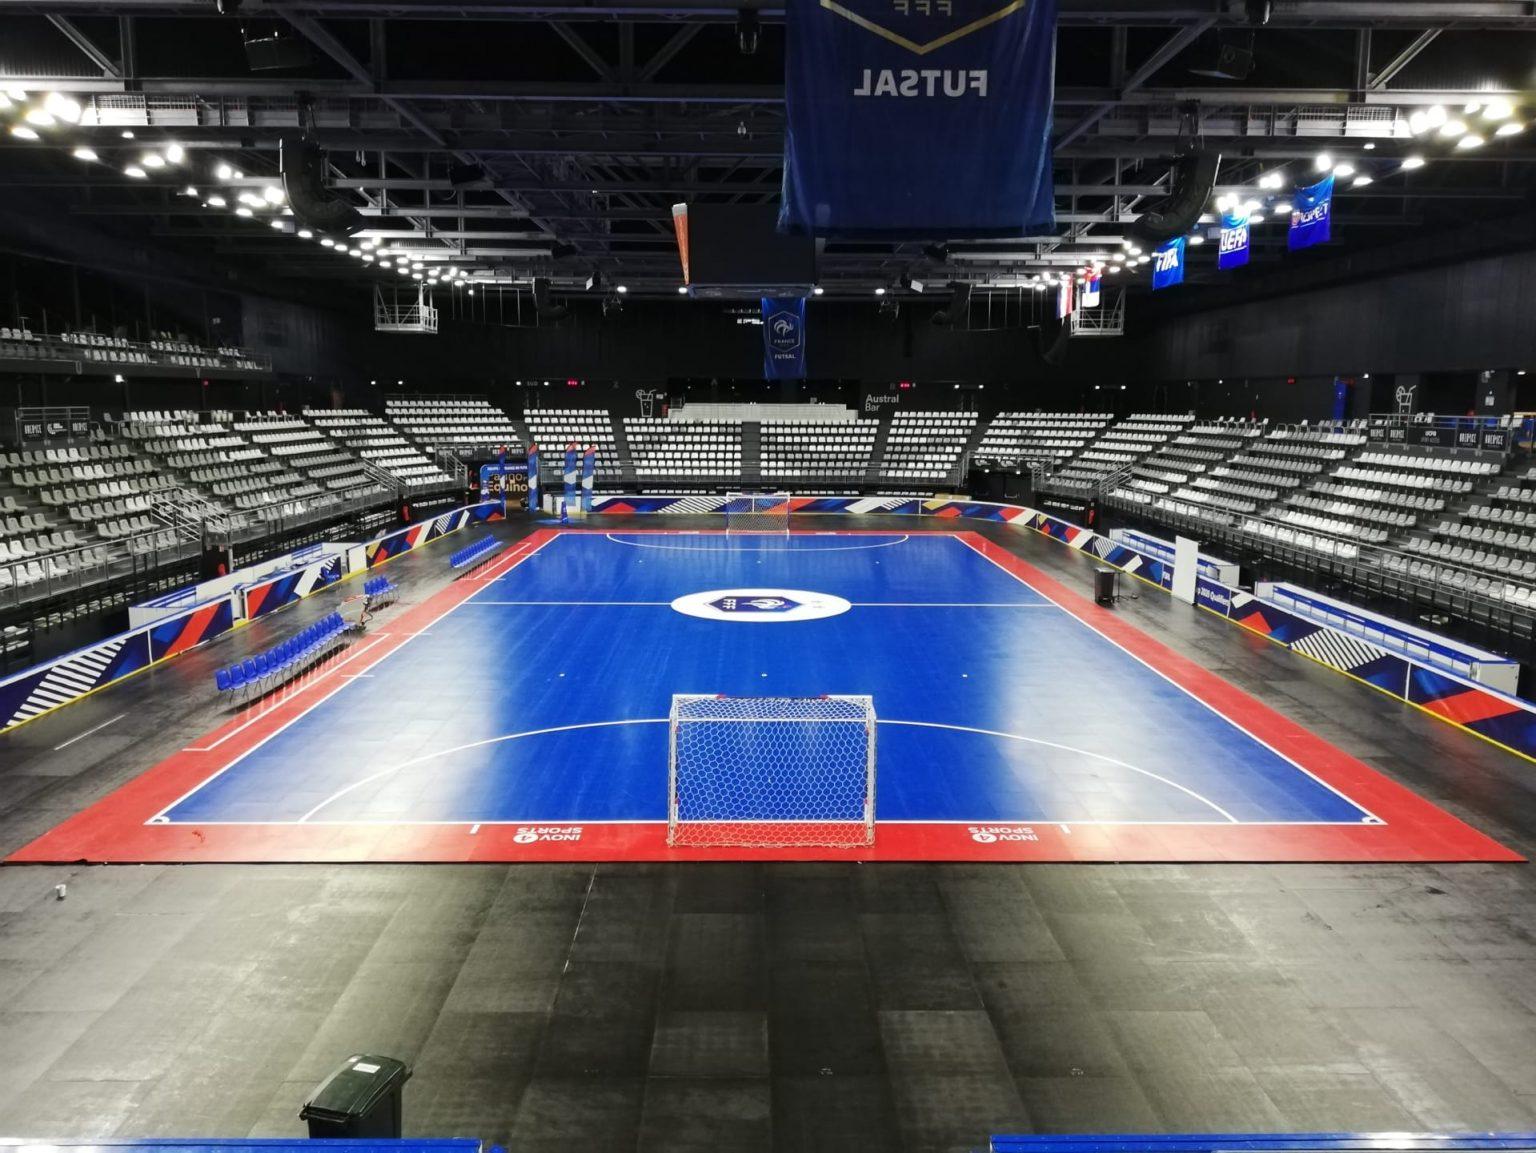 melhor pavimento de futsal sobre inov4sports